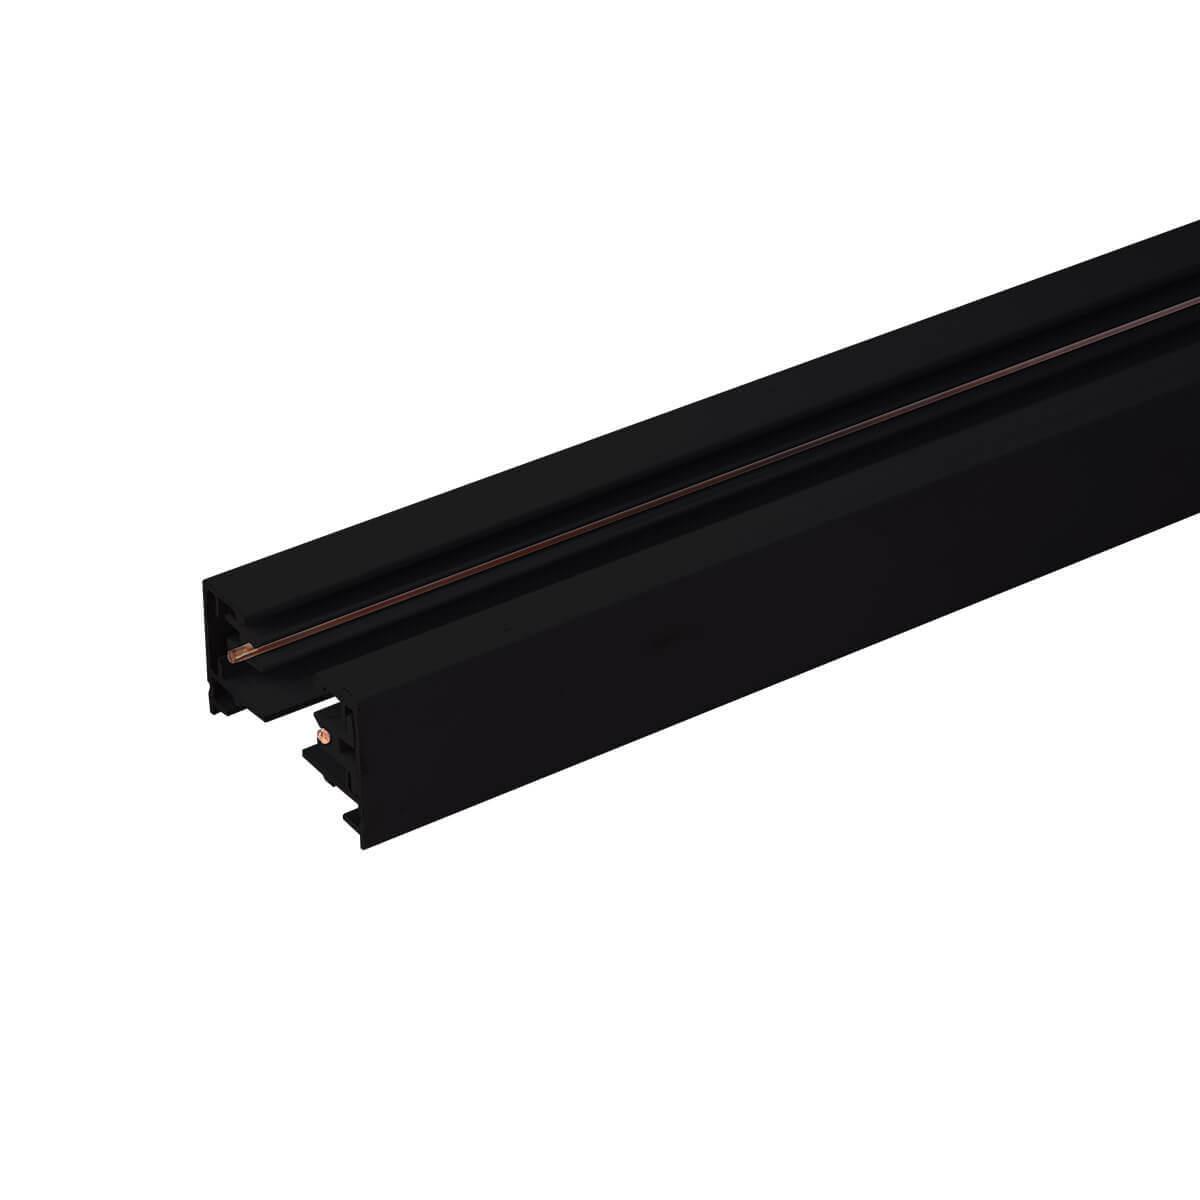 Шинопровод Elektrostandard 4690389112577 TRL-1-1 шинопровод elektrostandard 4690389134302 trl 1 1